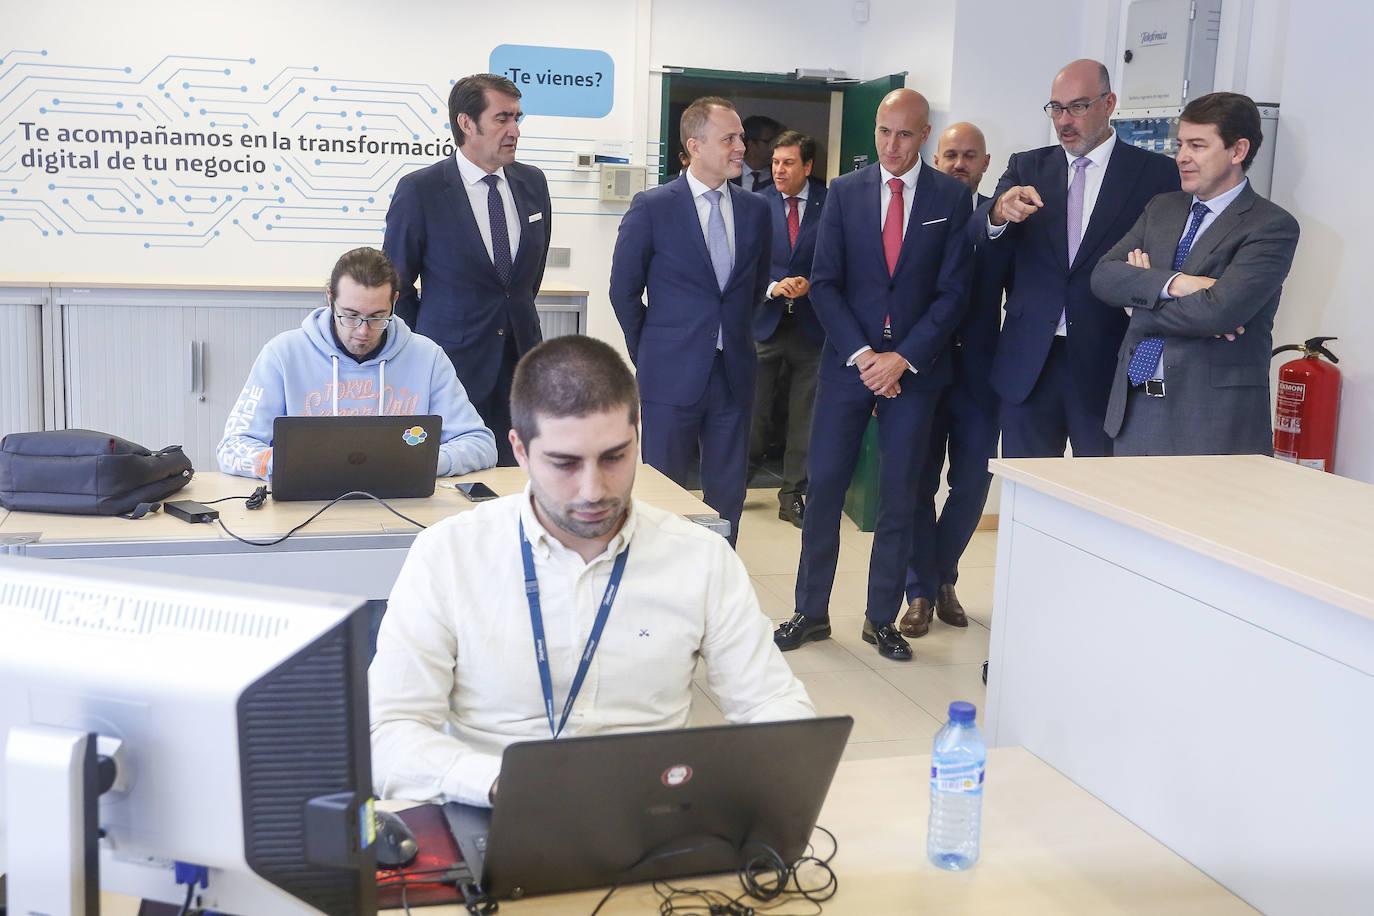 Presentación del Centro de Ciberseguridad de la Industria 4.0 de Telefónica en León